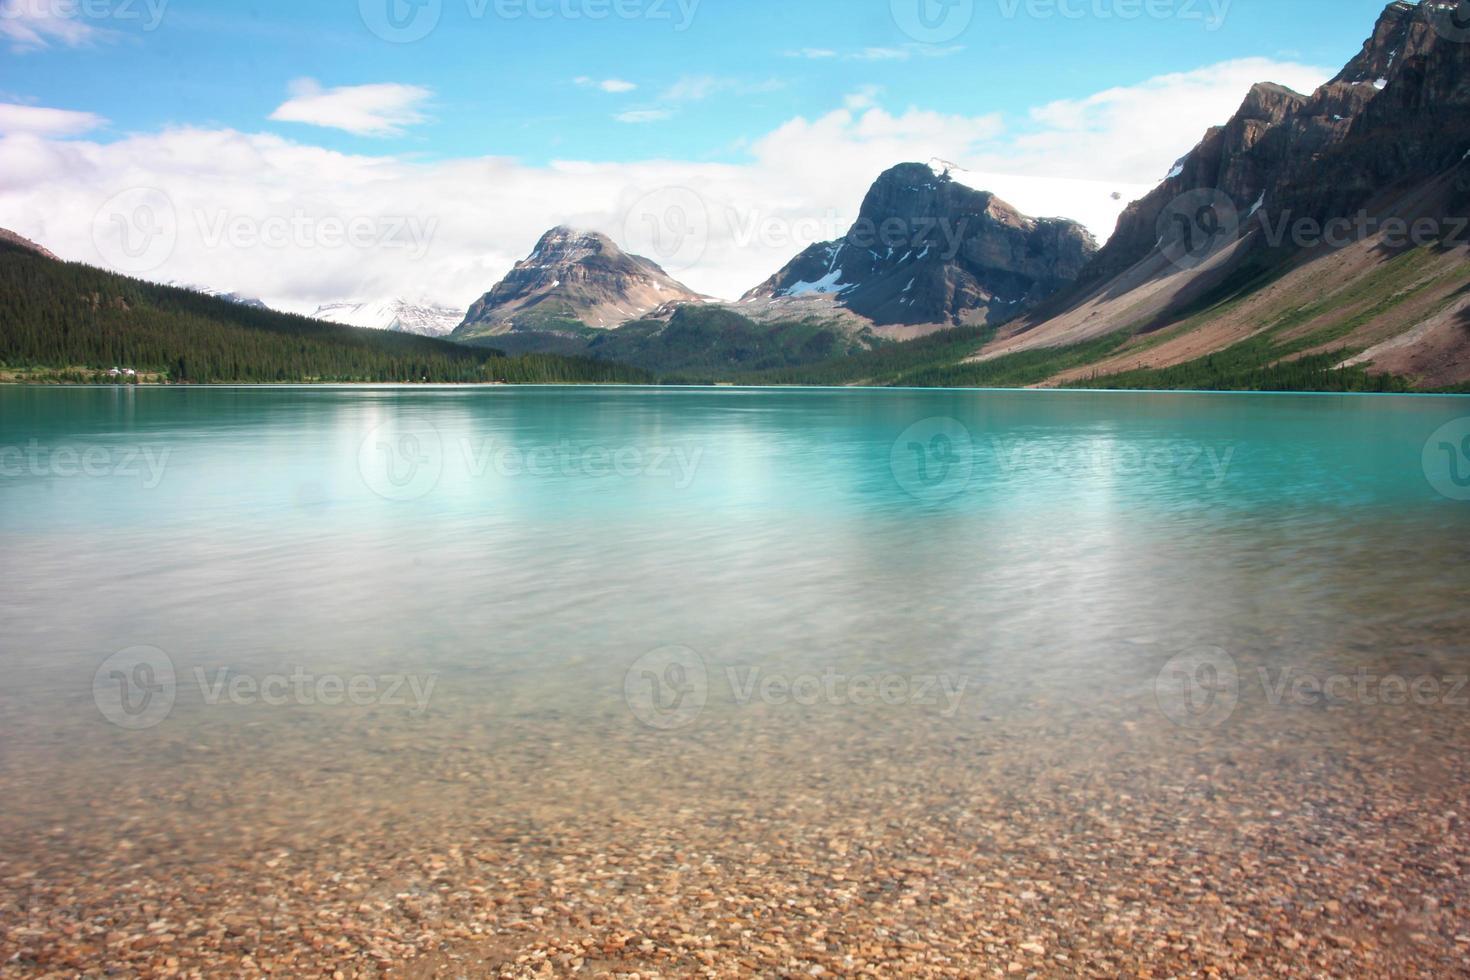 meer en bergen foto